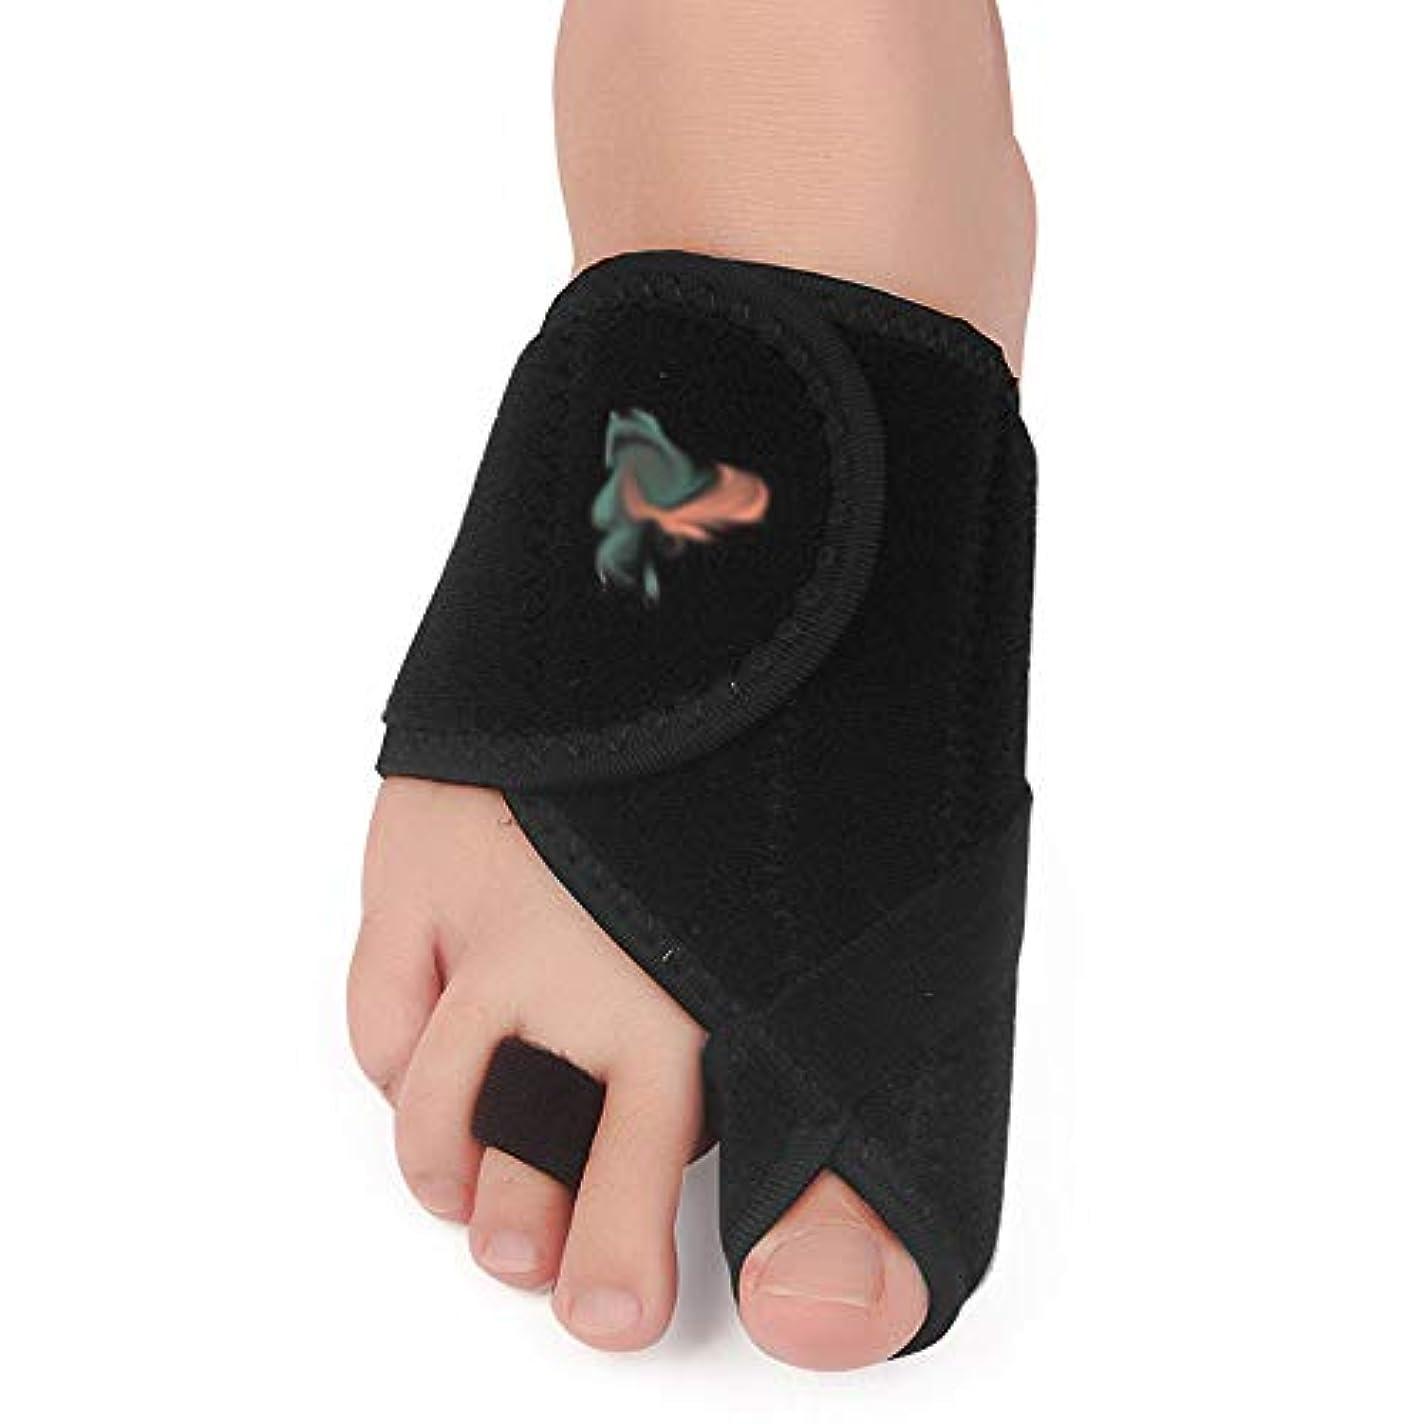 エジプト人誇りに思う質素な外反母alignアライナー、外反母deform変形および腱膜瘤捻womanされた外反母hallスプリントは、女性と男性のつま先の炎症のために,Black-RightFoot